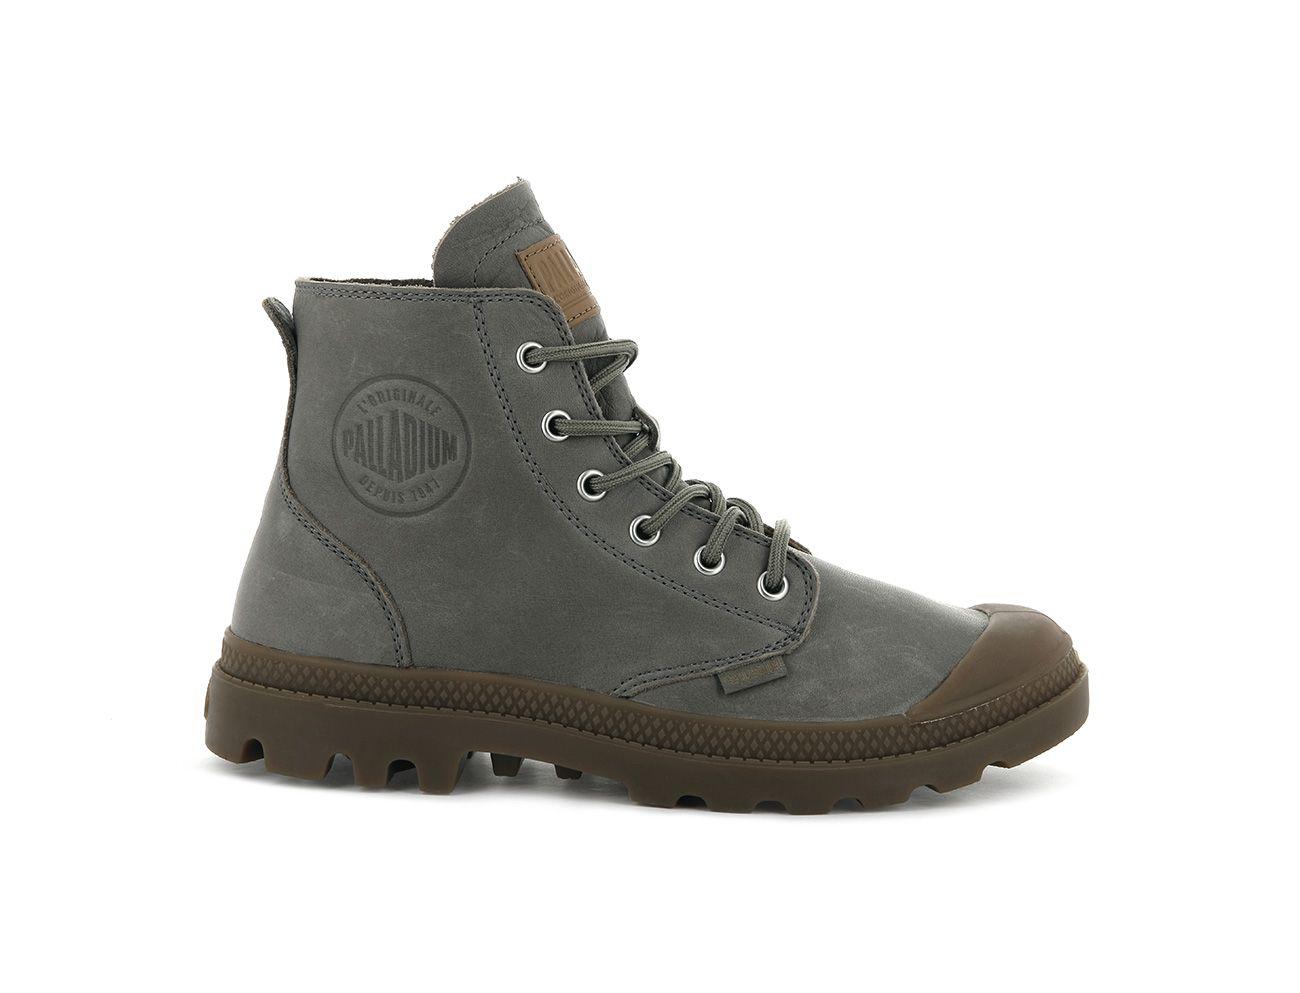 Palladium Pampa Hi Leather UL in Clay